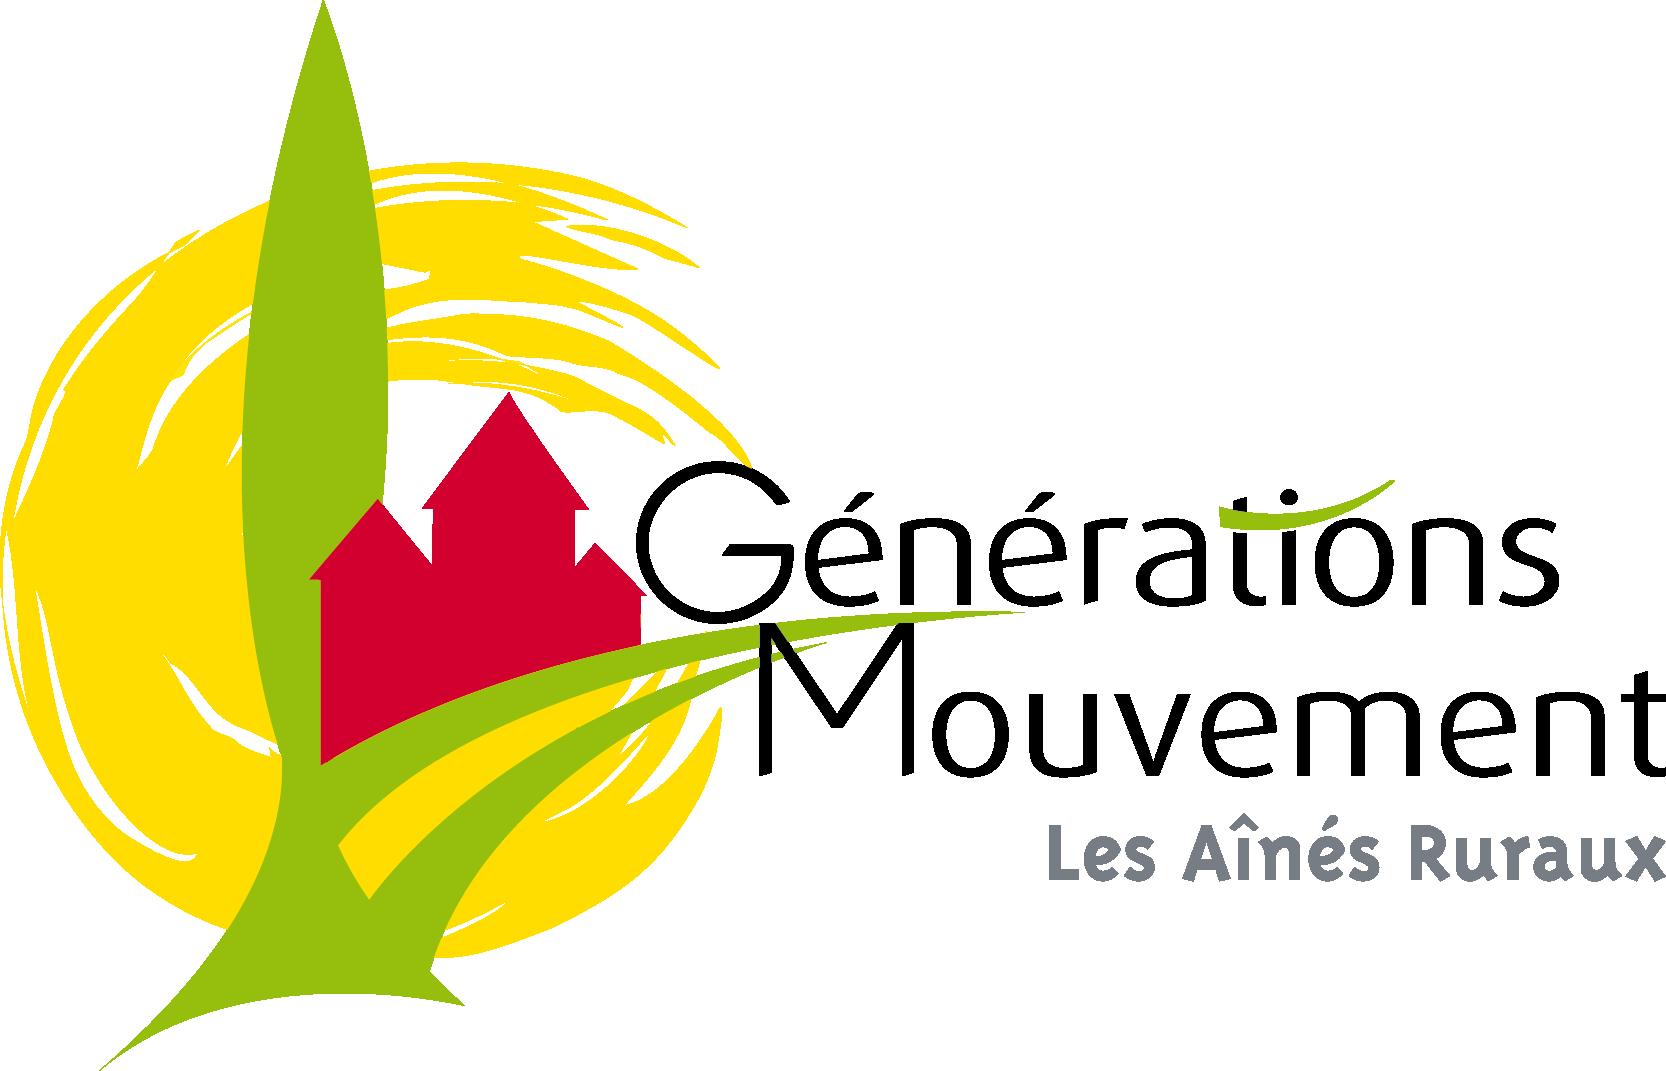 Générations Mouvement - Fédération de la Sarthe